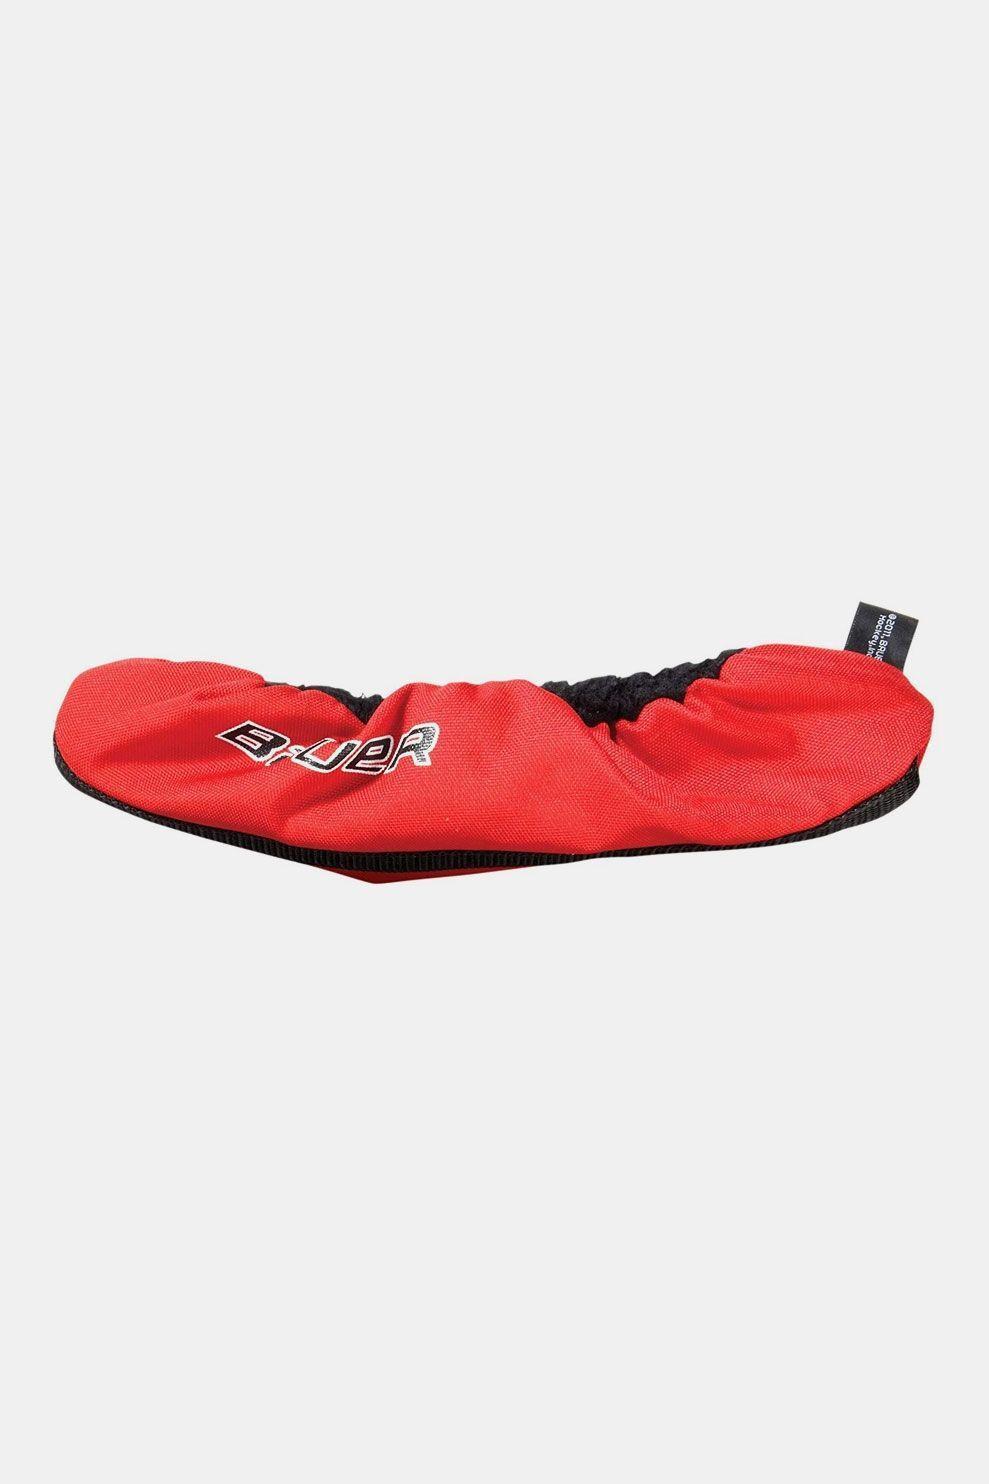 Bauer Blade Jacket Senior Schaatshoes Rood